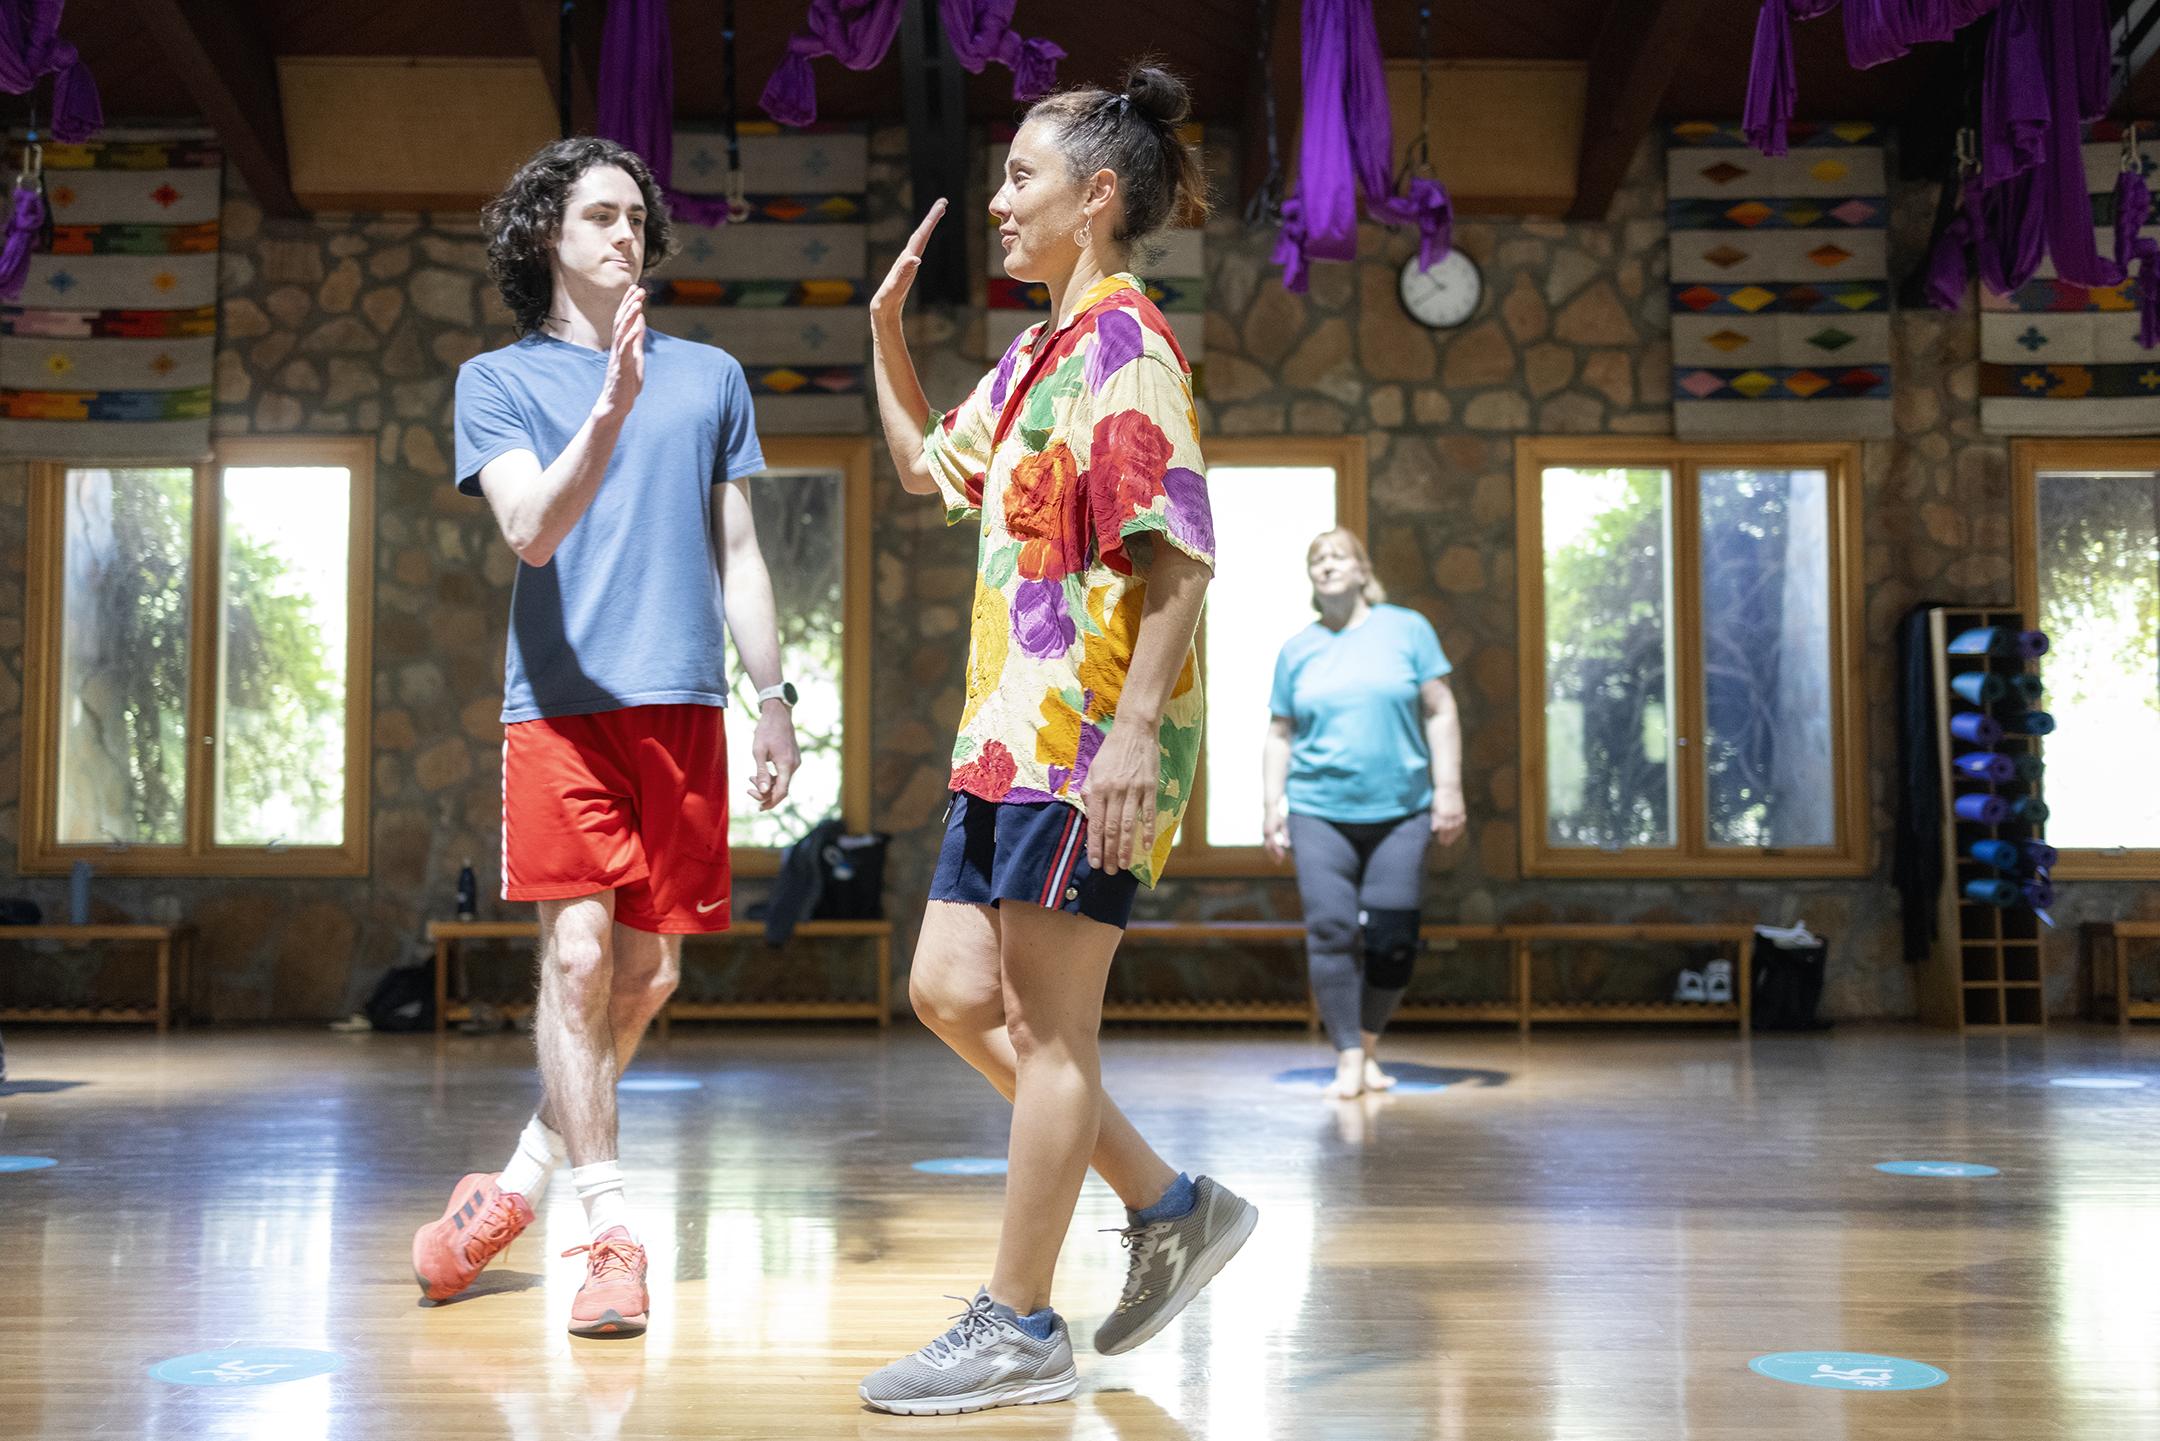 dance class, hip hop class